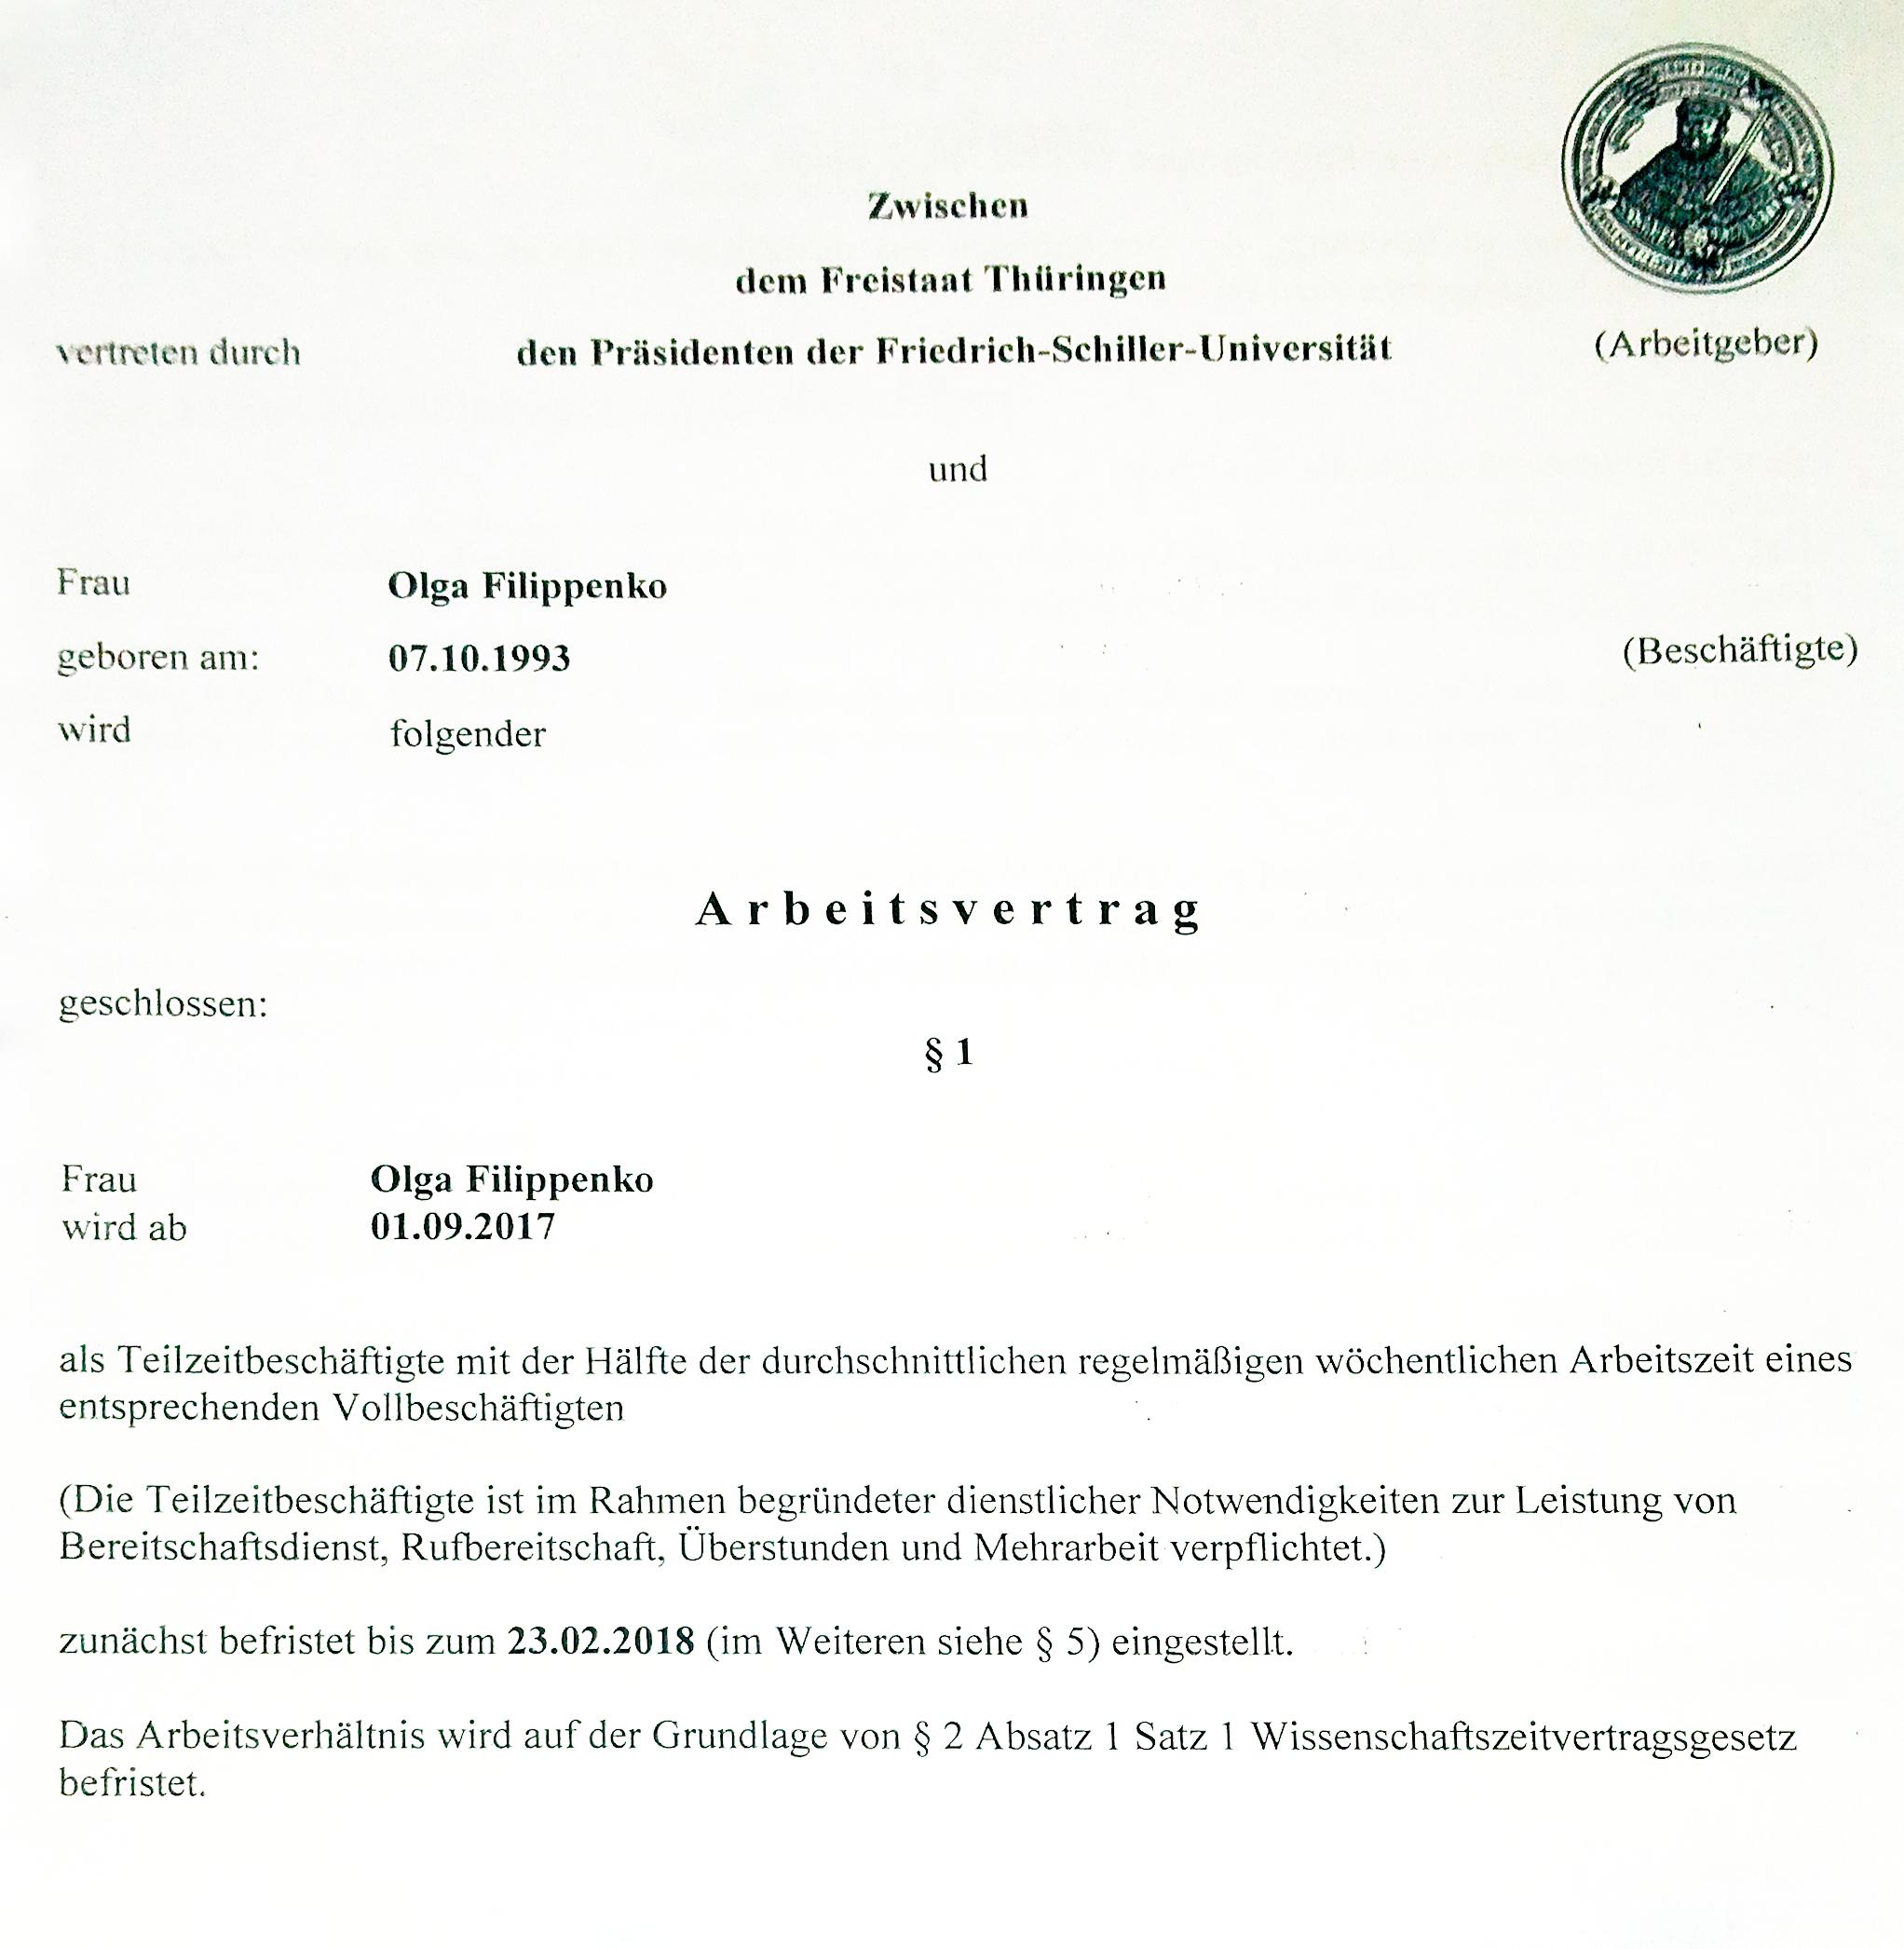 Отрывок из моего рабочего контракта. Он заключен между мной и федеральной землей Тюрингия в лице президента Йенского университета